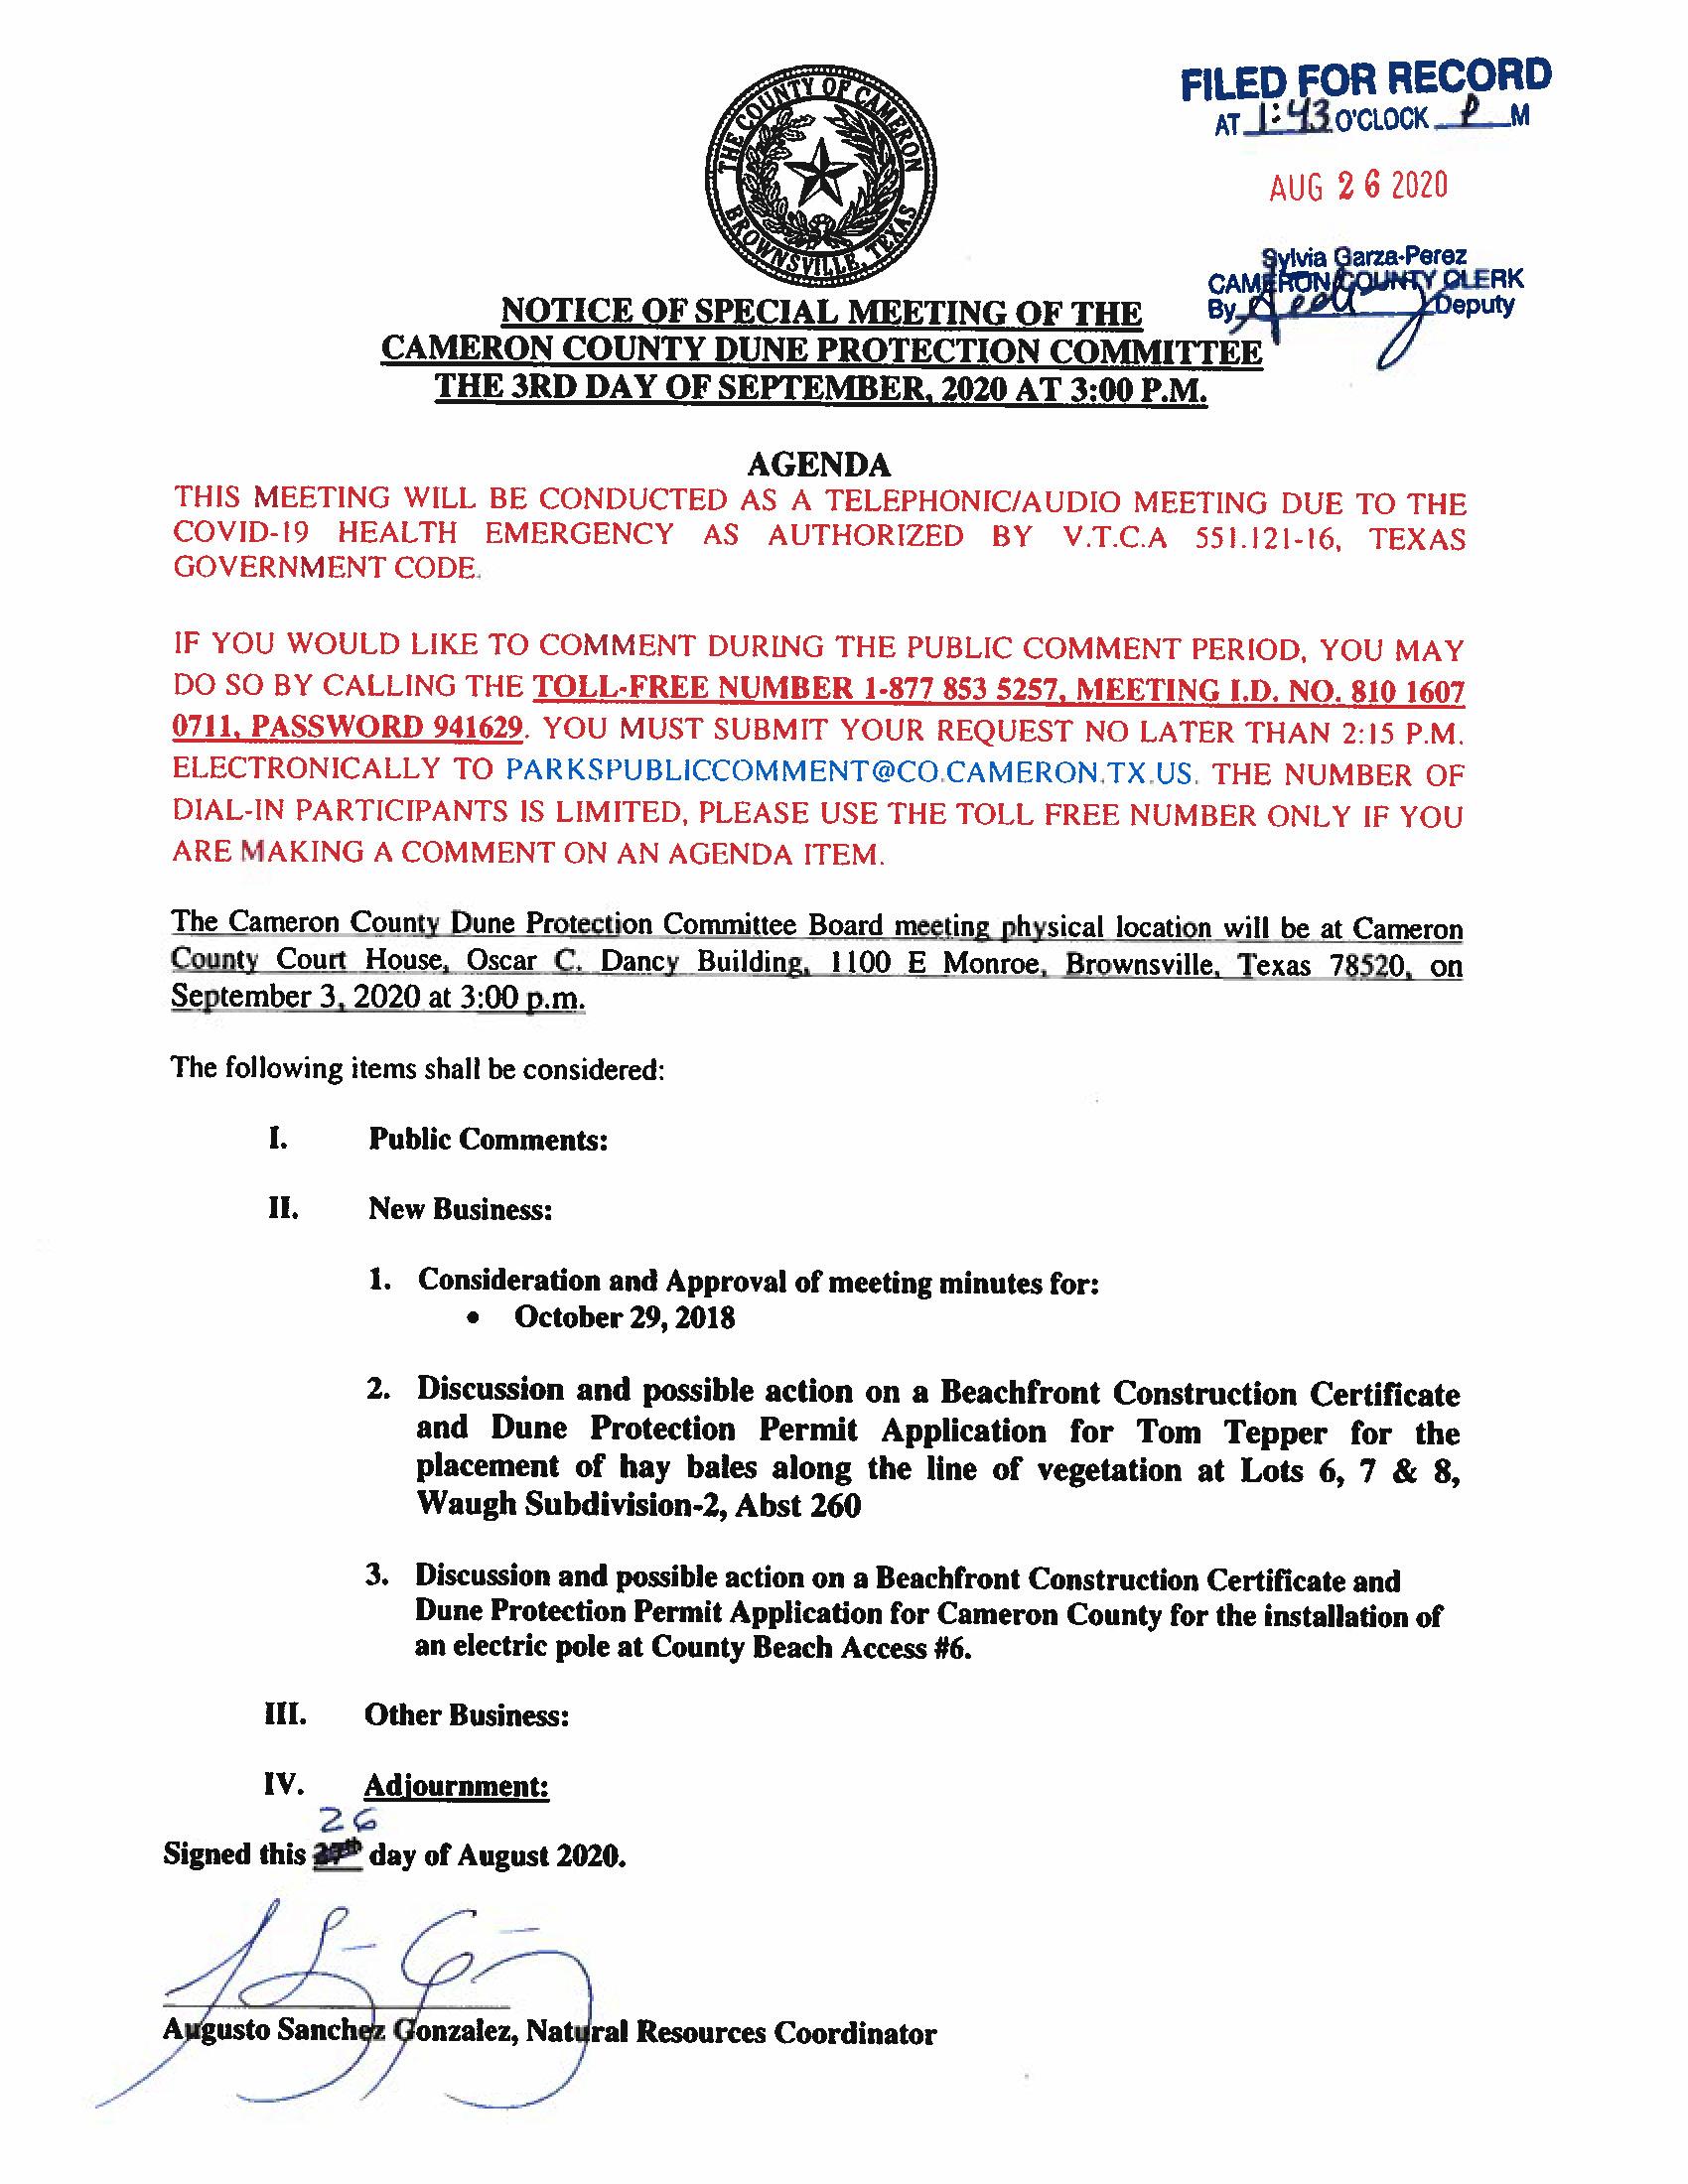 Agenda Draft Dune Protection Committee September 3 2020 Vf